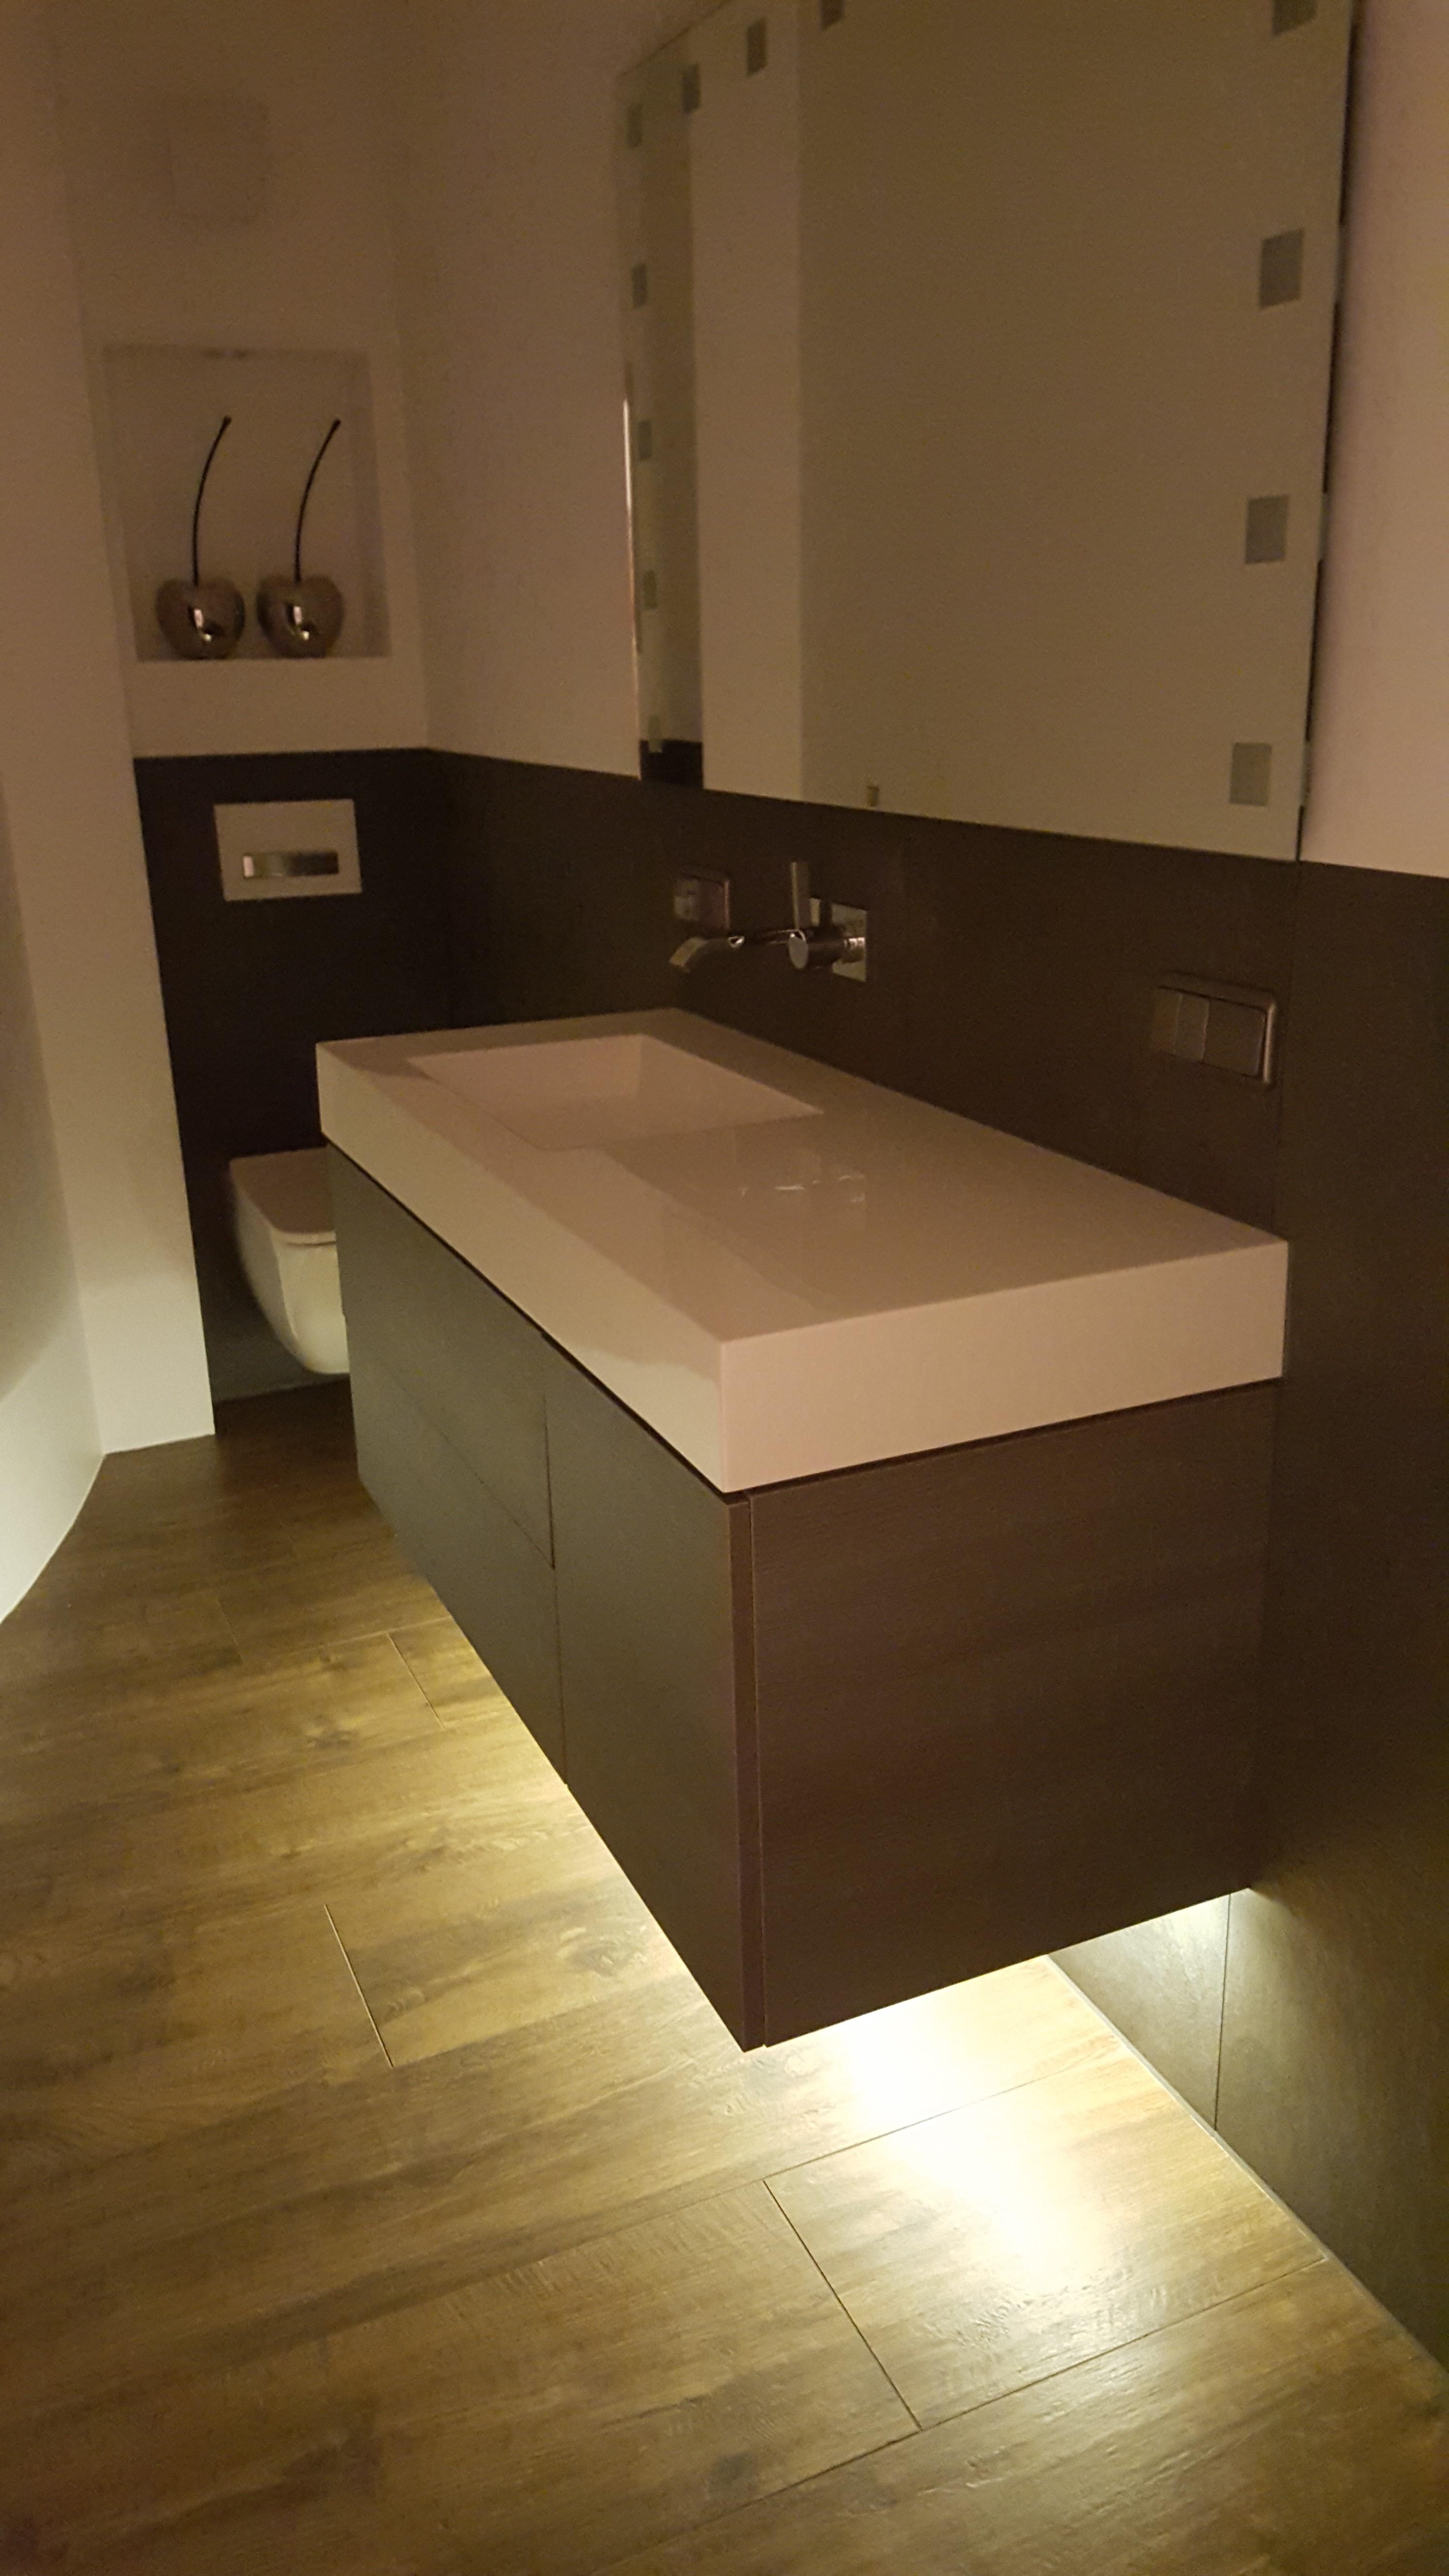 Neues Waschbecken